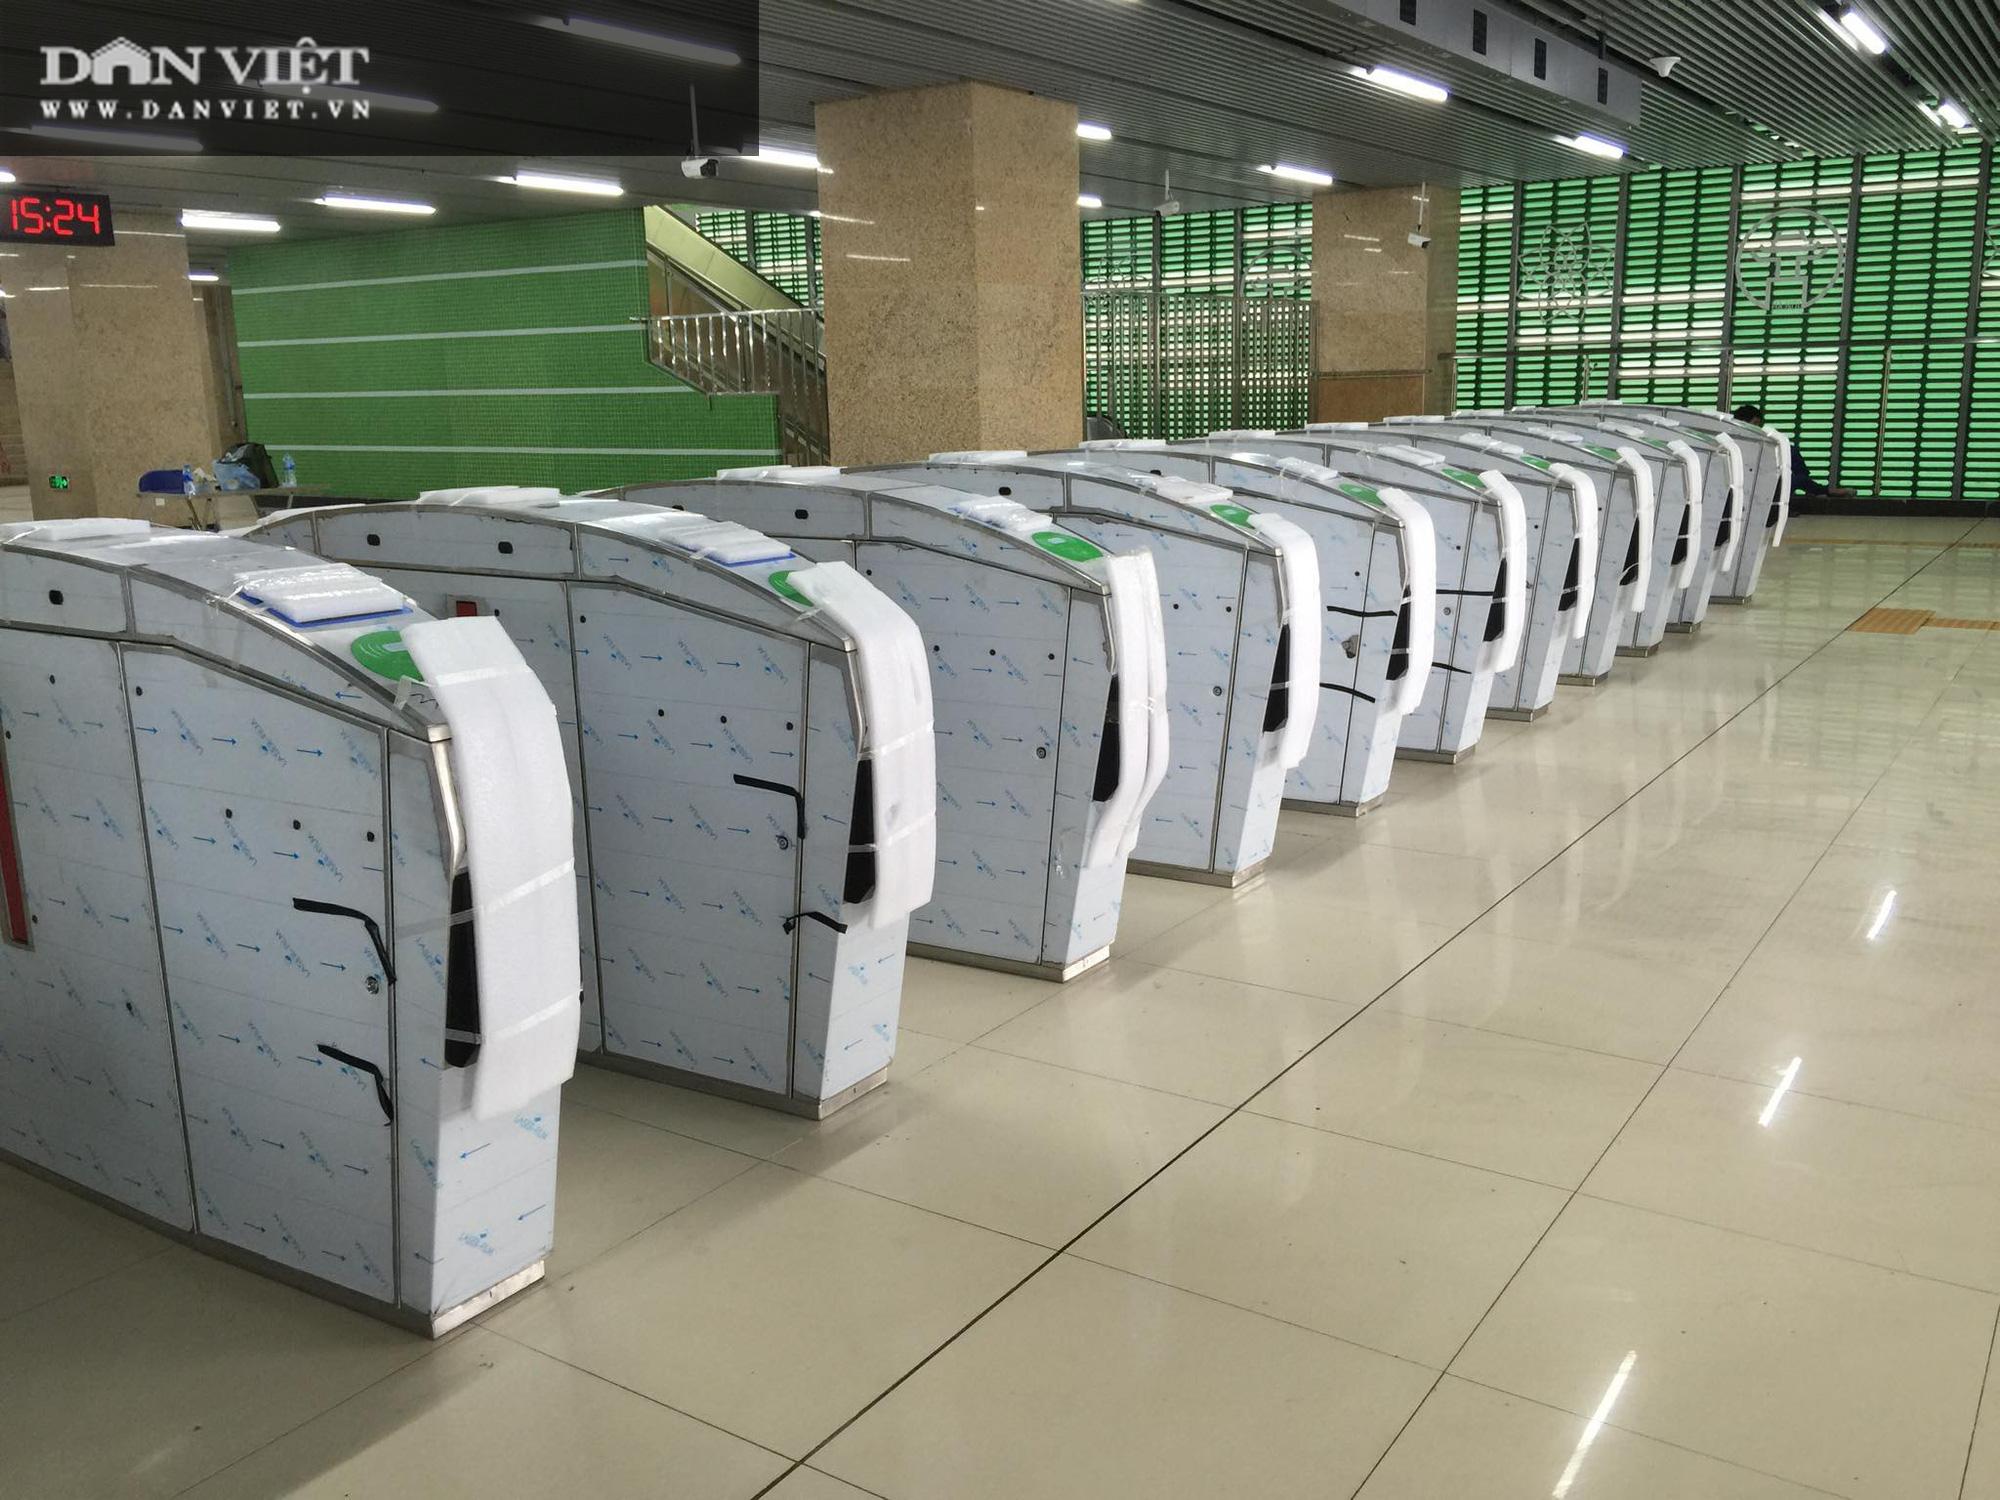 Hành khách đi tàu Cát Linh - Hà Đông sẽ được miễn phí vé - Ảnh 2.